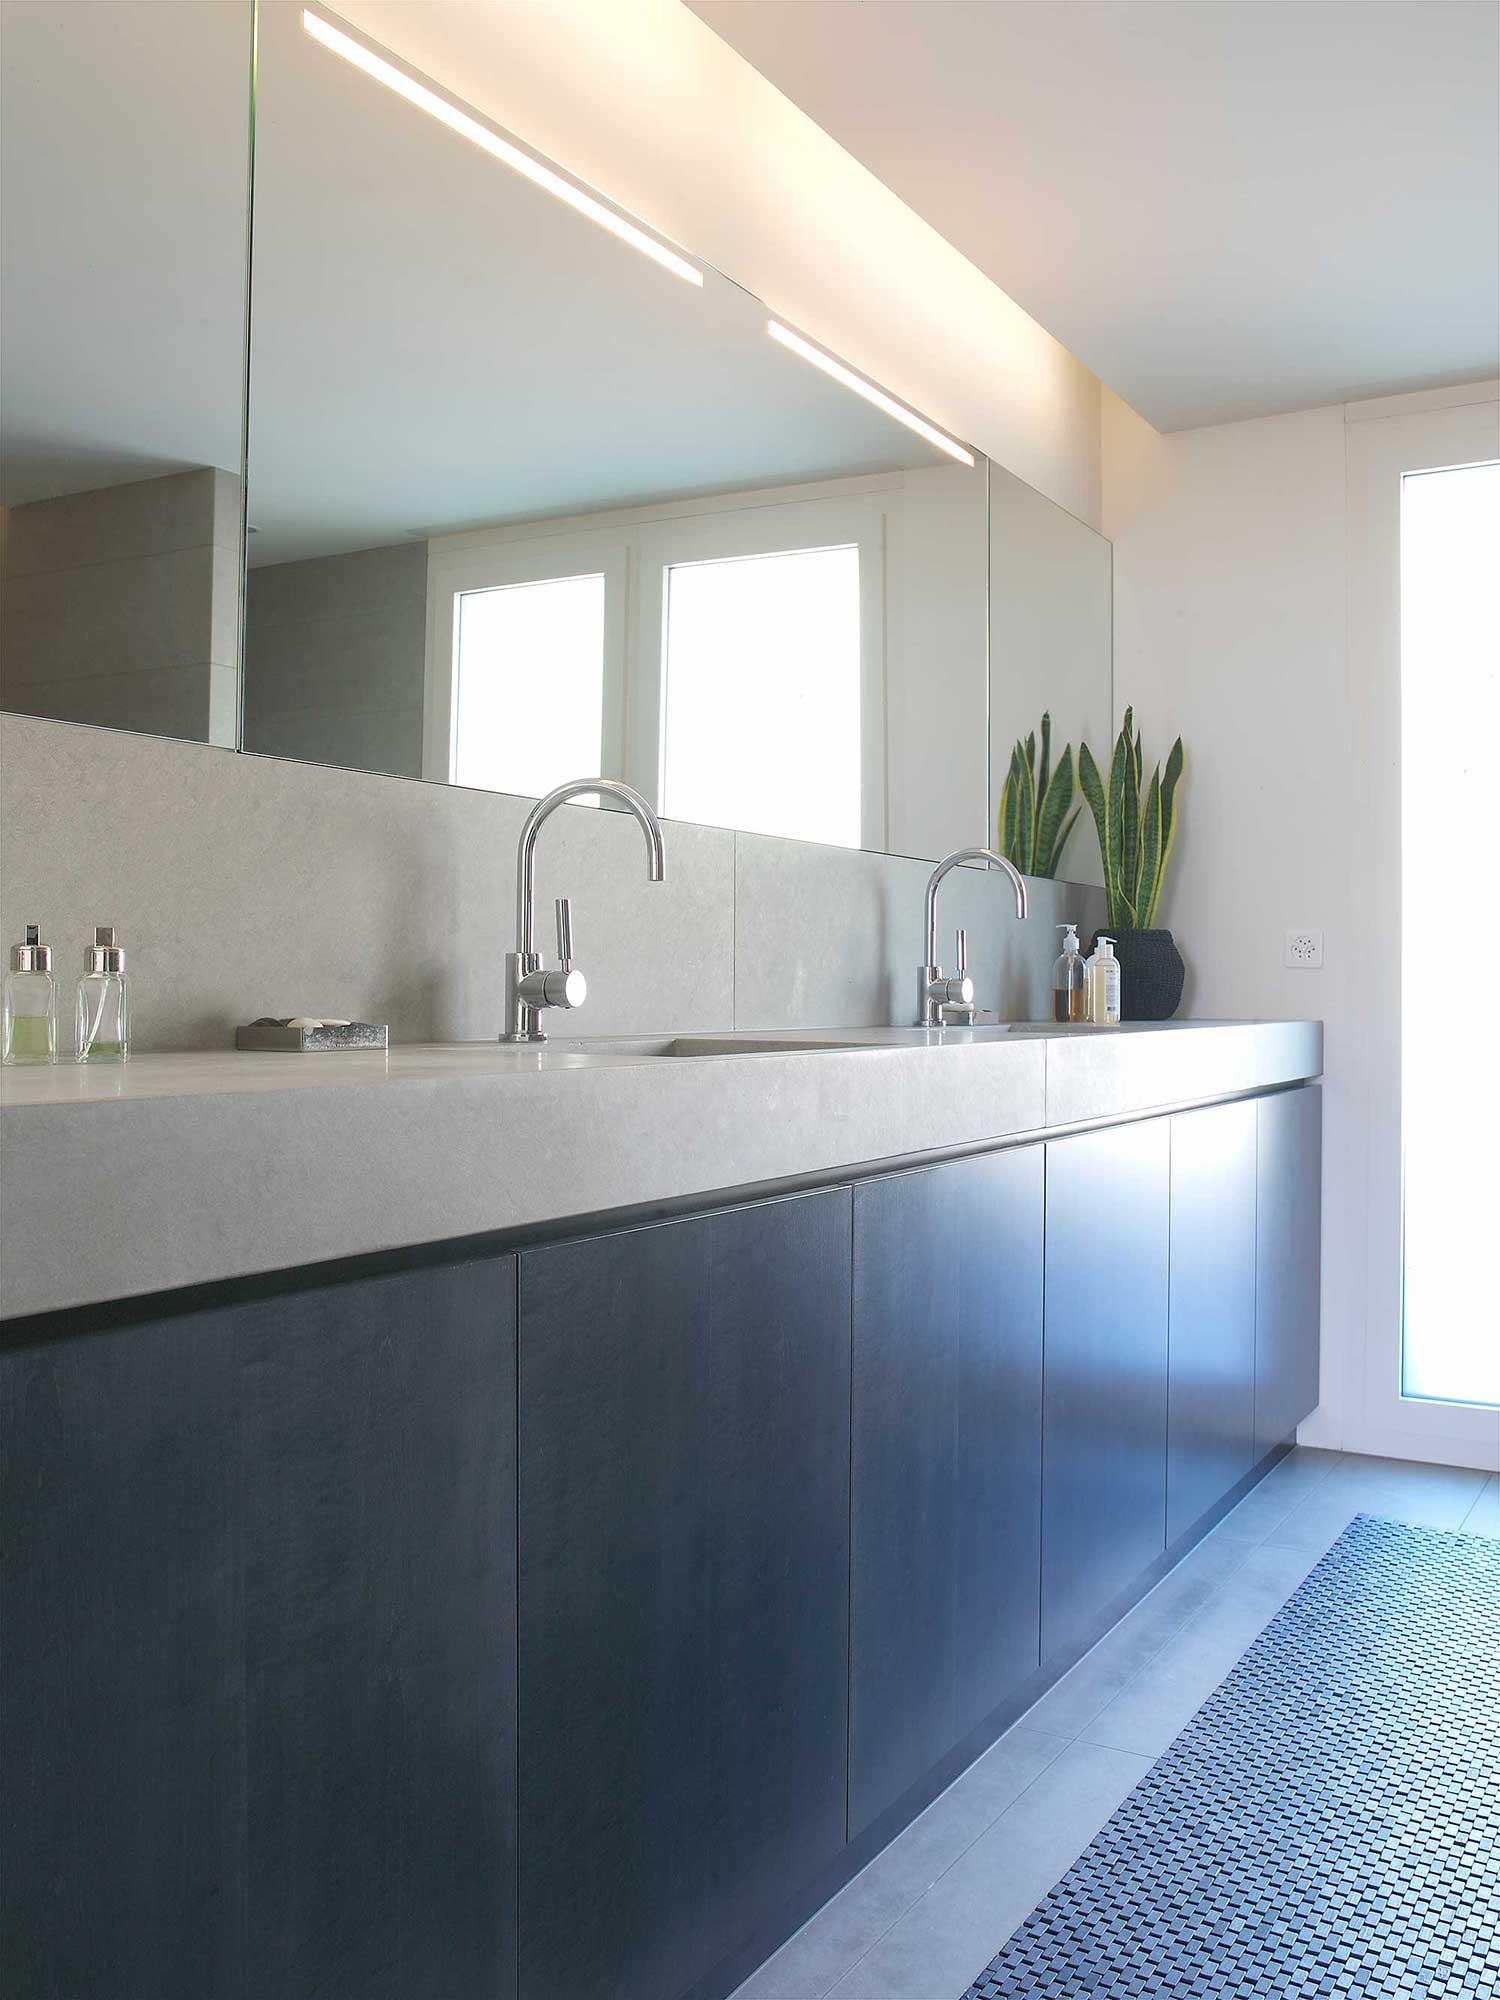 014-iria-degen-interiors-apartment-zurich4.jpg